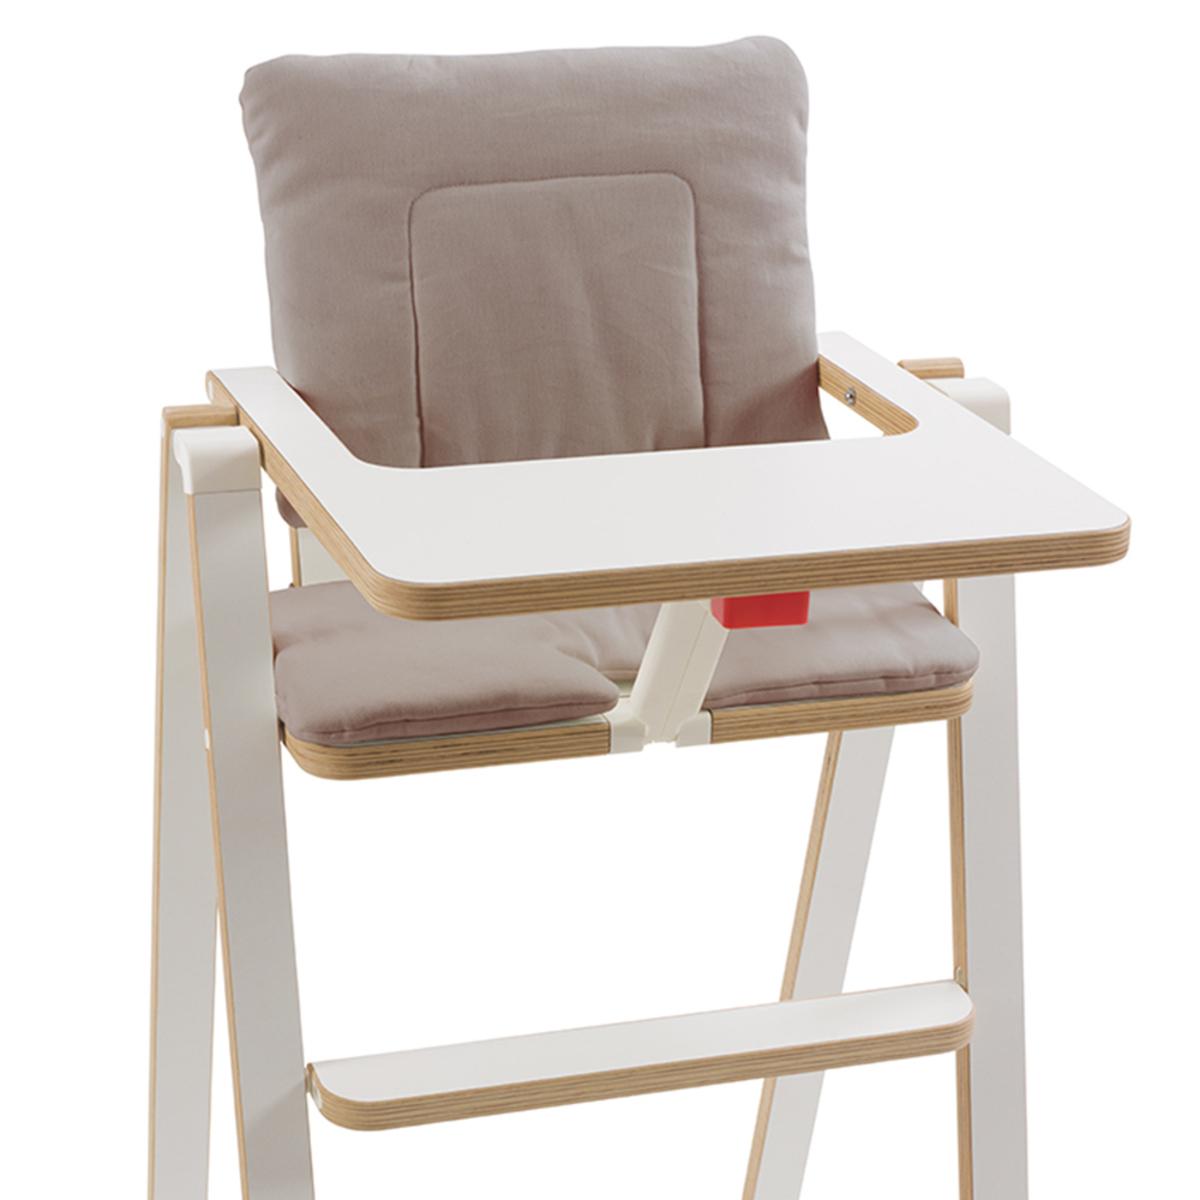 Chaise haute Coussin SUPAflat - Little Koala Coussin SUPAflat - Little Koala